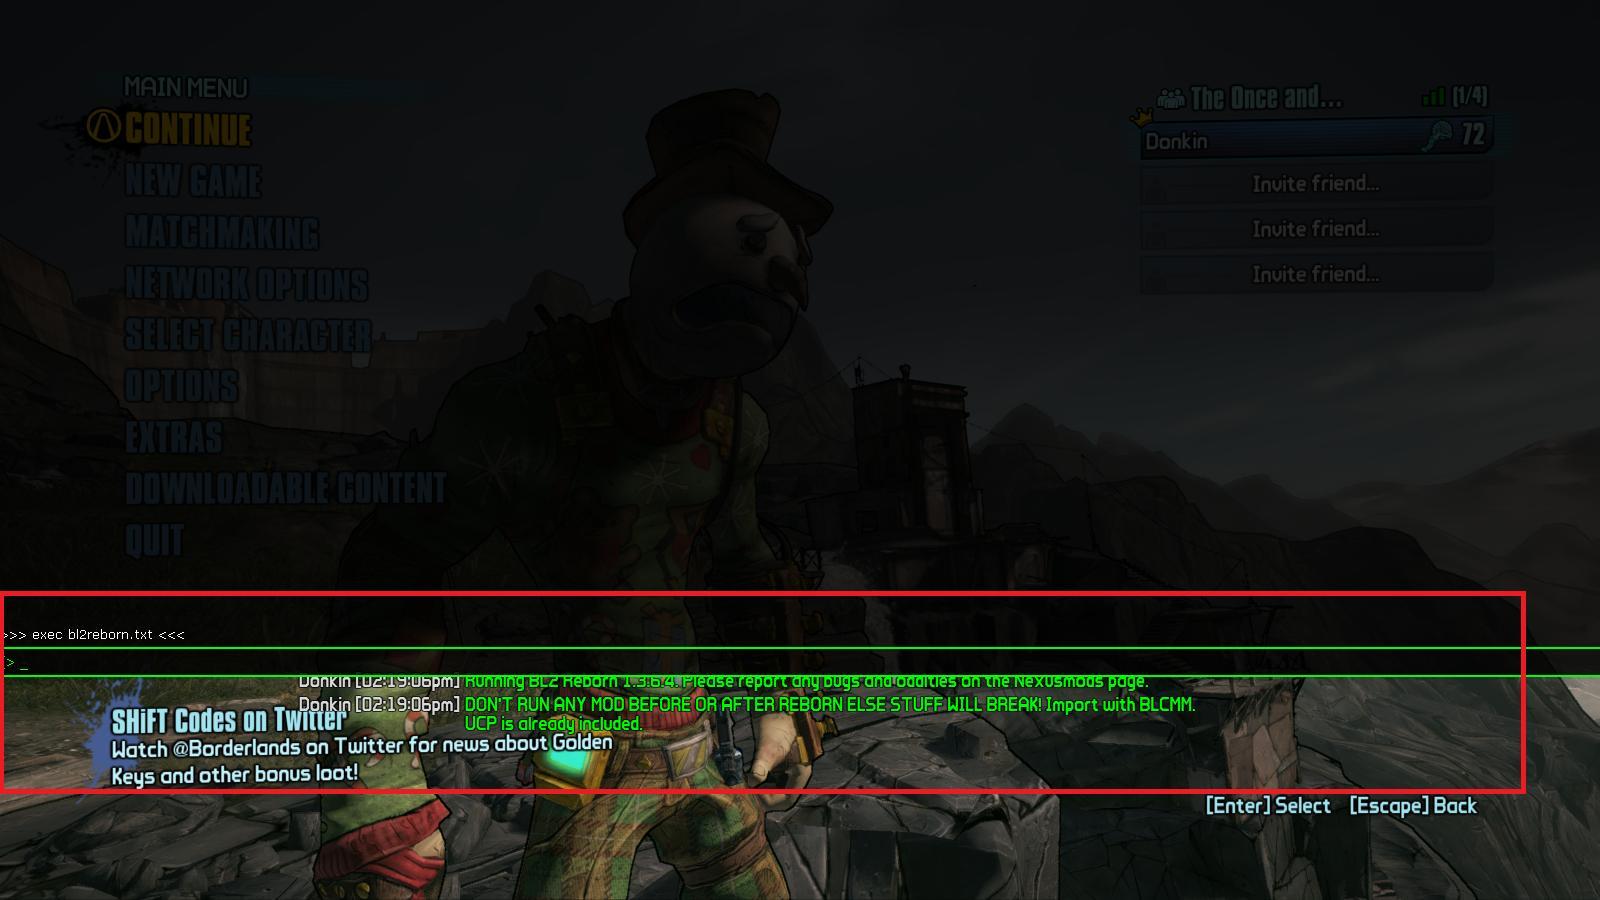 Borderlands 2 matchmaking level